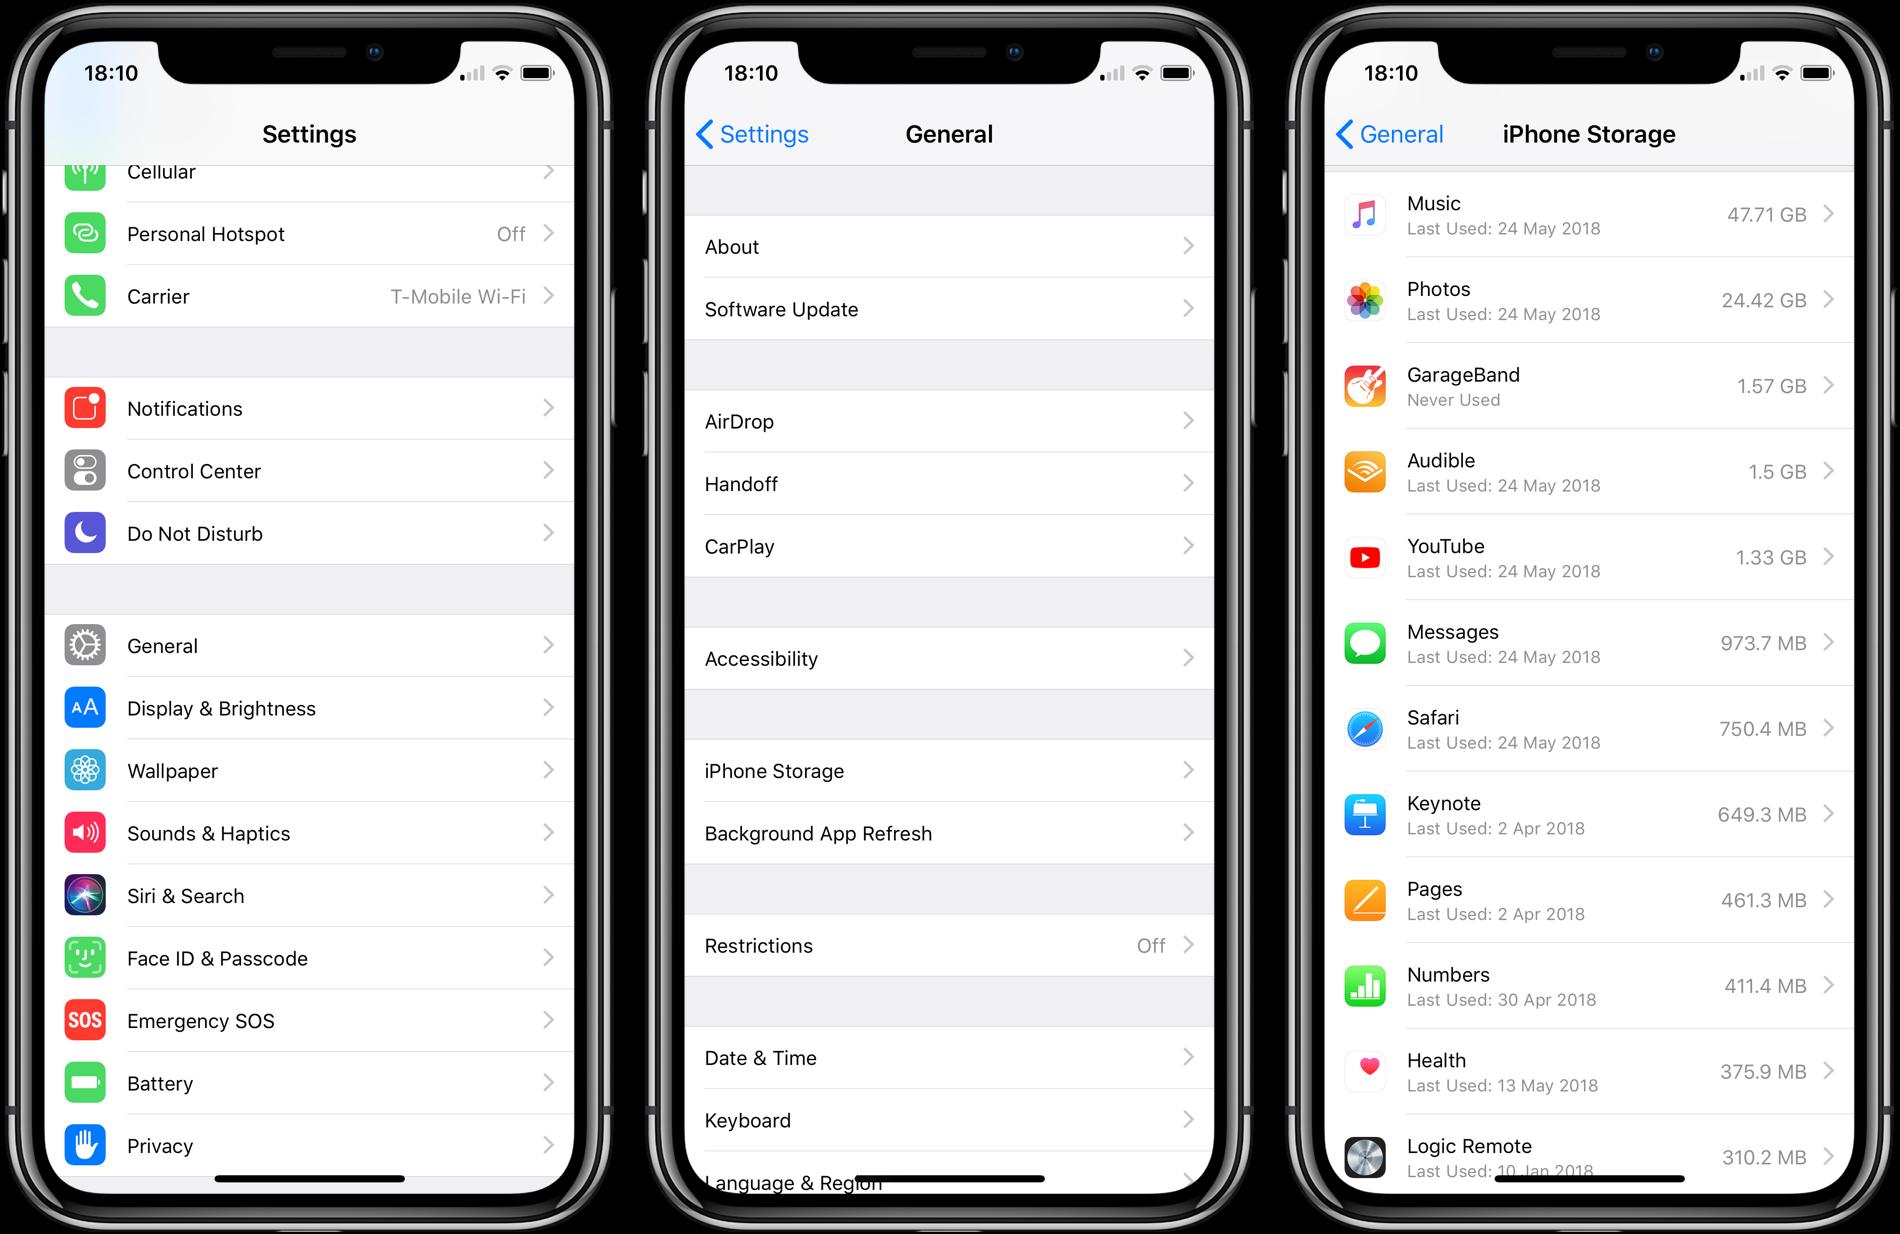 iPhone folosit aplicatie ultima oara